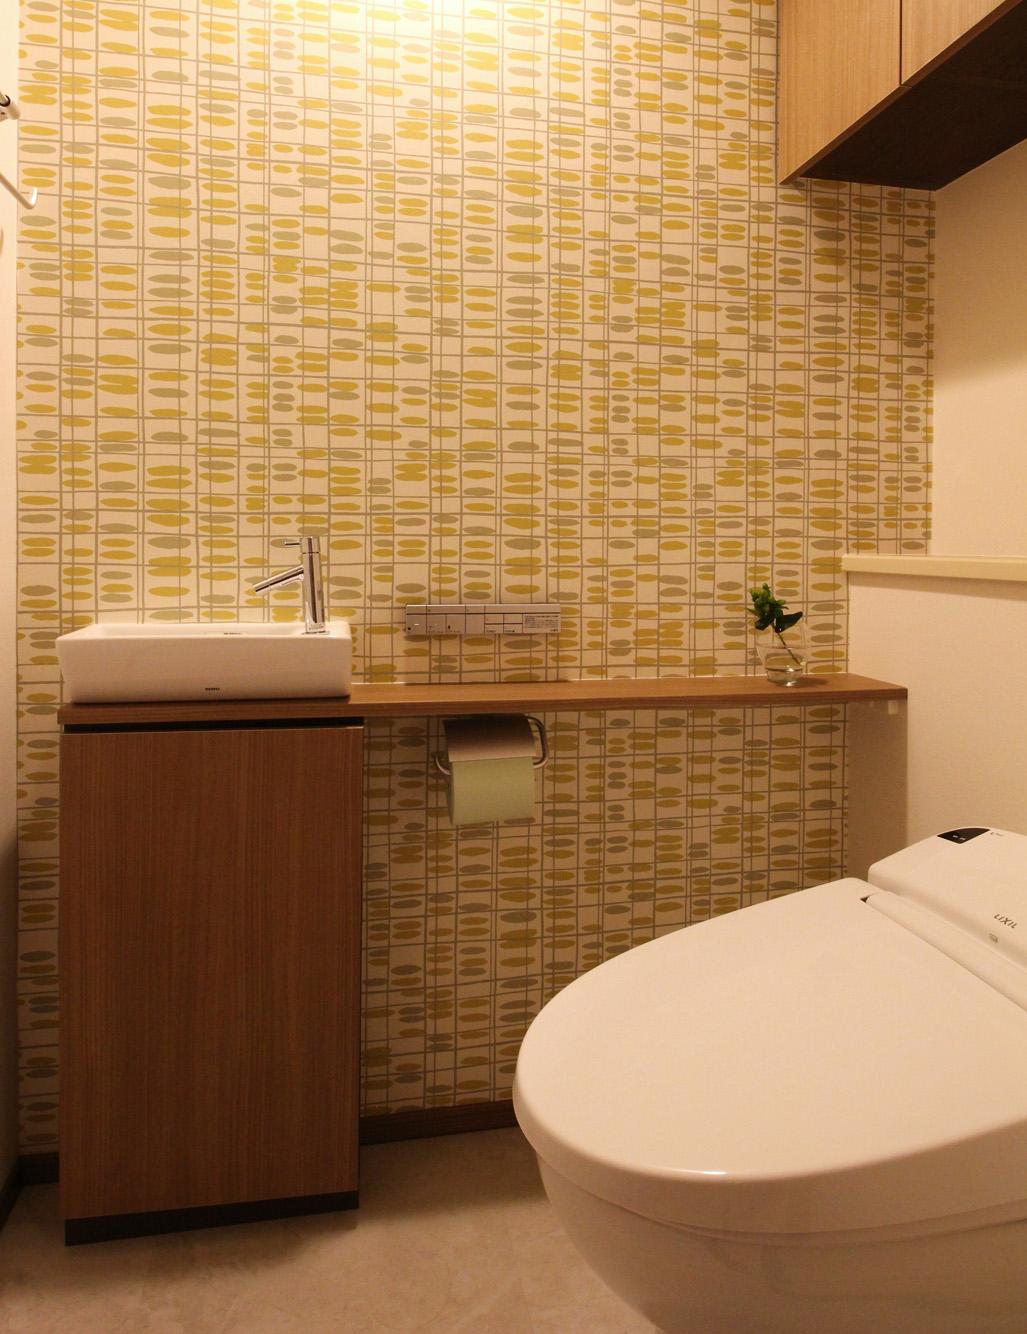 コラム09 トイレを輸入壁紙で異空間にしよう インテリア